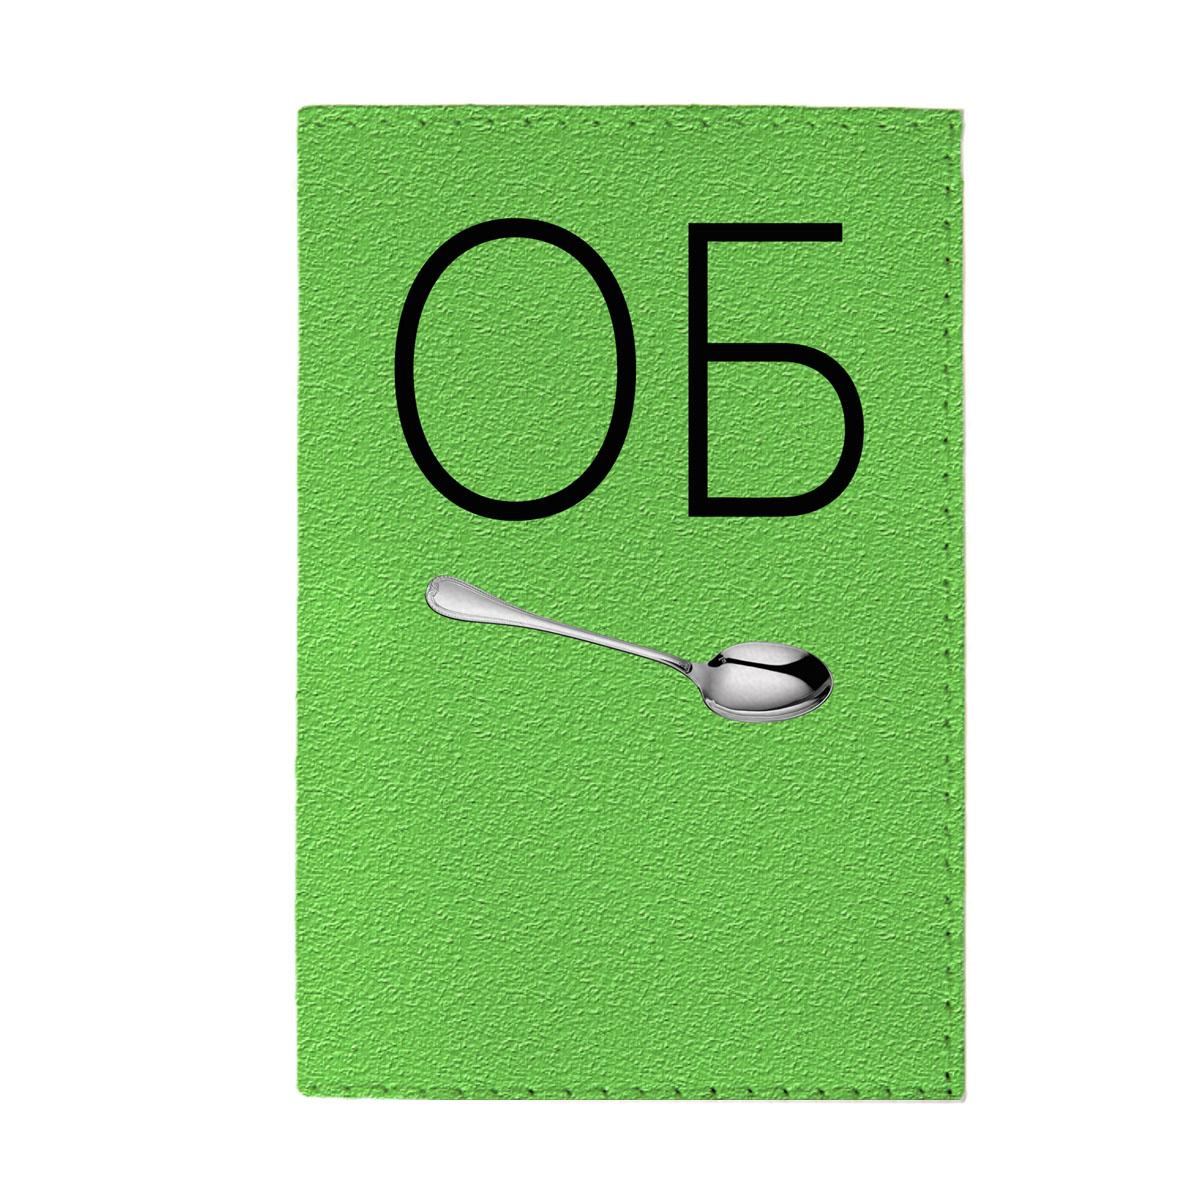 Обложка для паспорта Mitya Veselkov Ребус, цвет: зеленый. OZAM410OZAM146Обложка для паспорта Mitya Veselkov Ребус не только поможет сохранить внешний вид ваших документов и защитить их от повреждений, но и станет стильным аксессуаром, идеально подходящим вашему образу.Она выполнена из поливинилхлорида, внутри имеет два вертикальных кармашка из прозрачного пластика.Такая обложка поможет вам подчеркнуть свою индивидуальность и неповторимость!Обложка для паспорта стильного дизайна может быть достойным и оригинальным подарком.